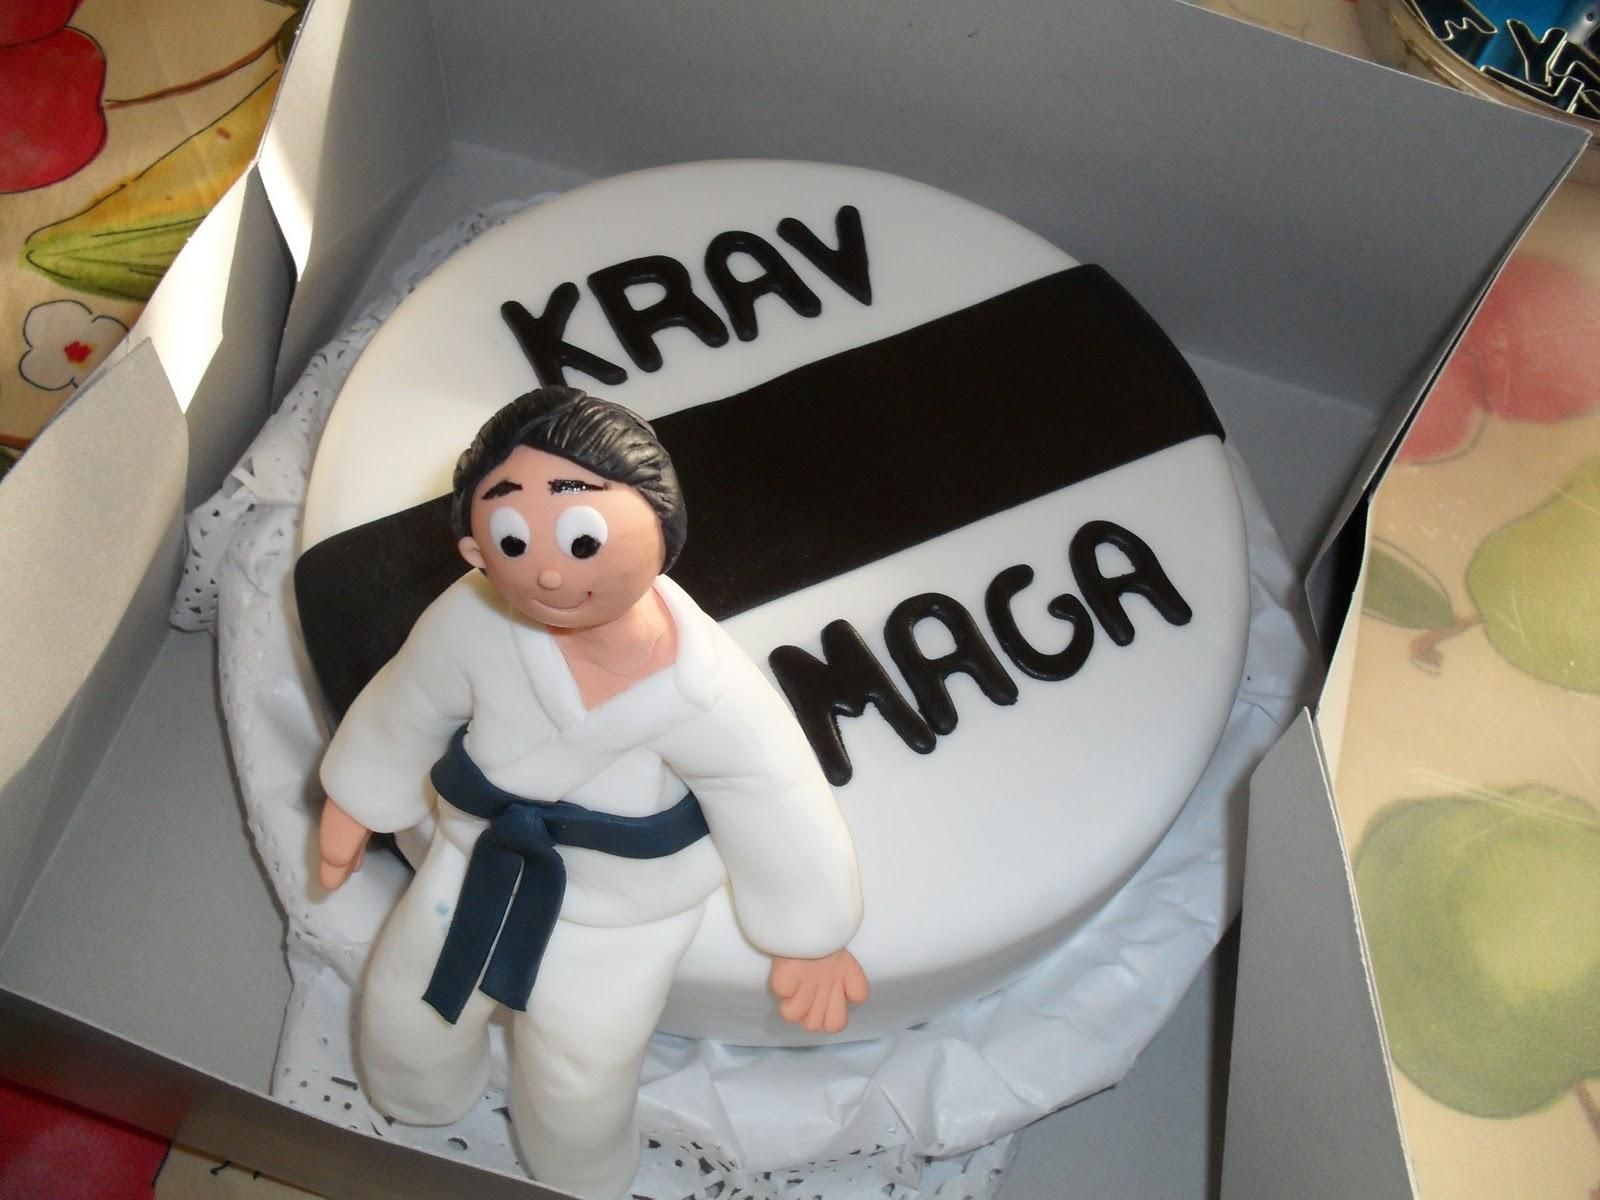 Krav Maga Cake Design